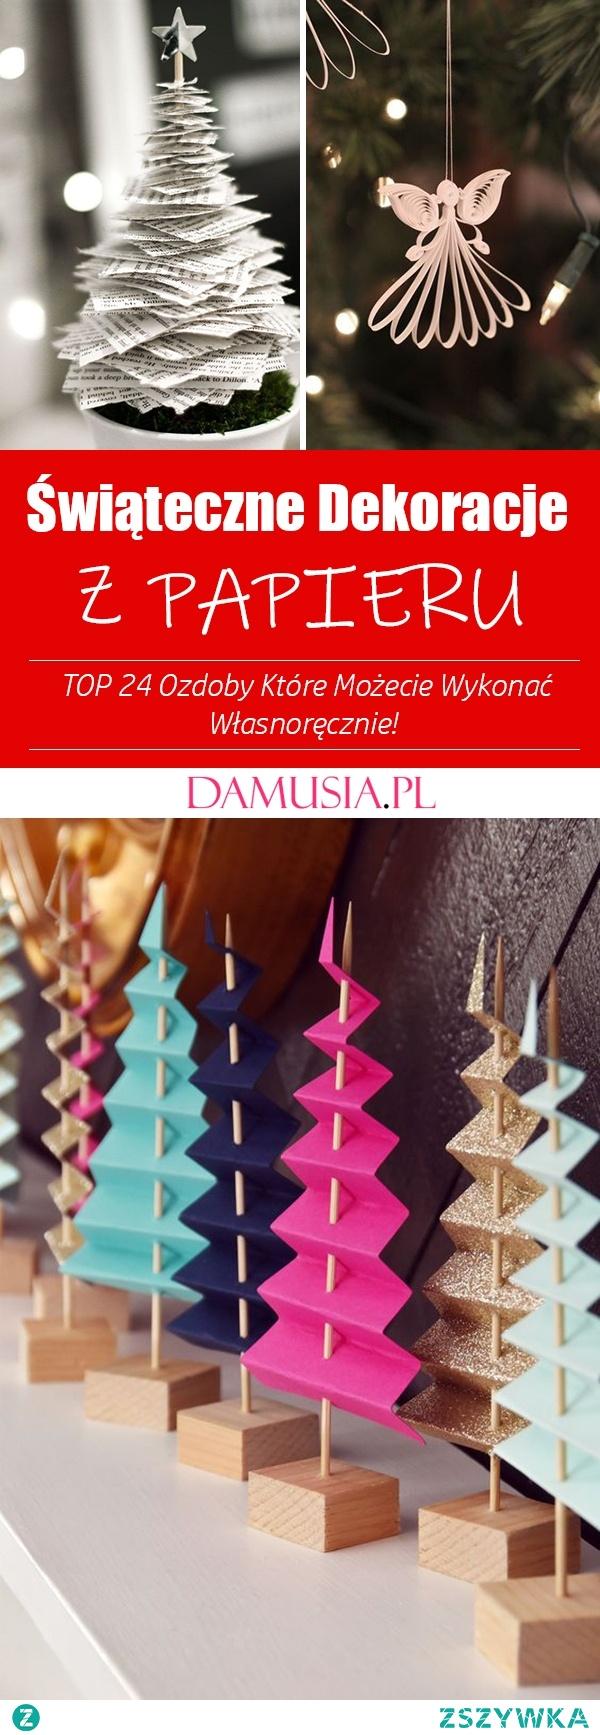 Świąteczne Dekoracje z Papieru – TOP 24 Ozdoby Które Możecie Wykonać Własnoręcznie!